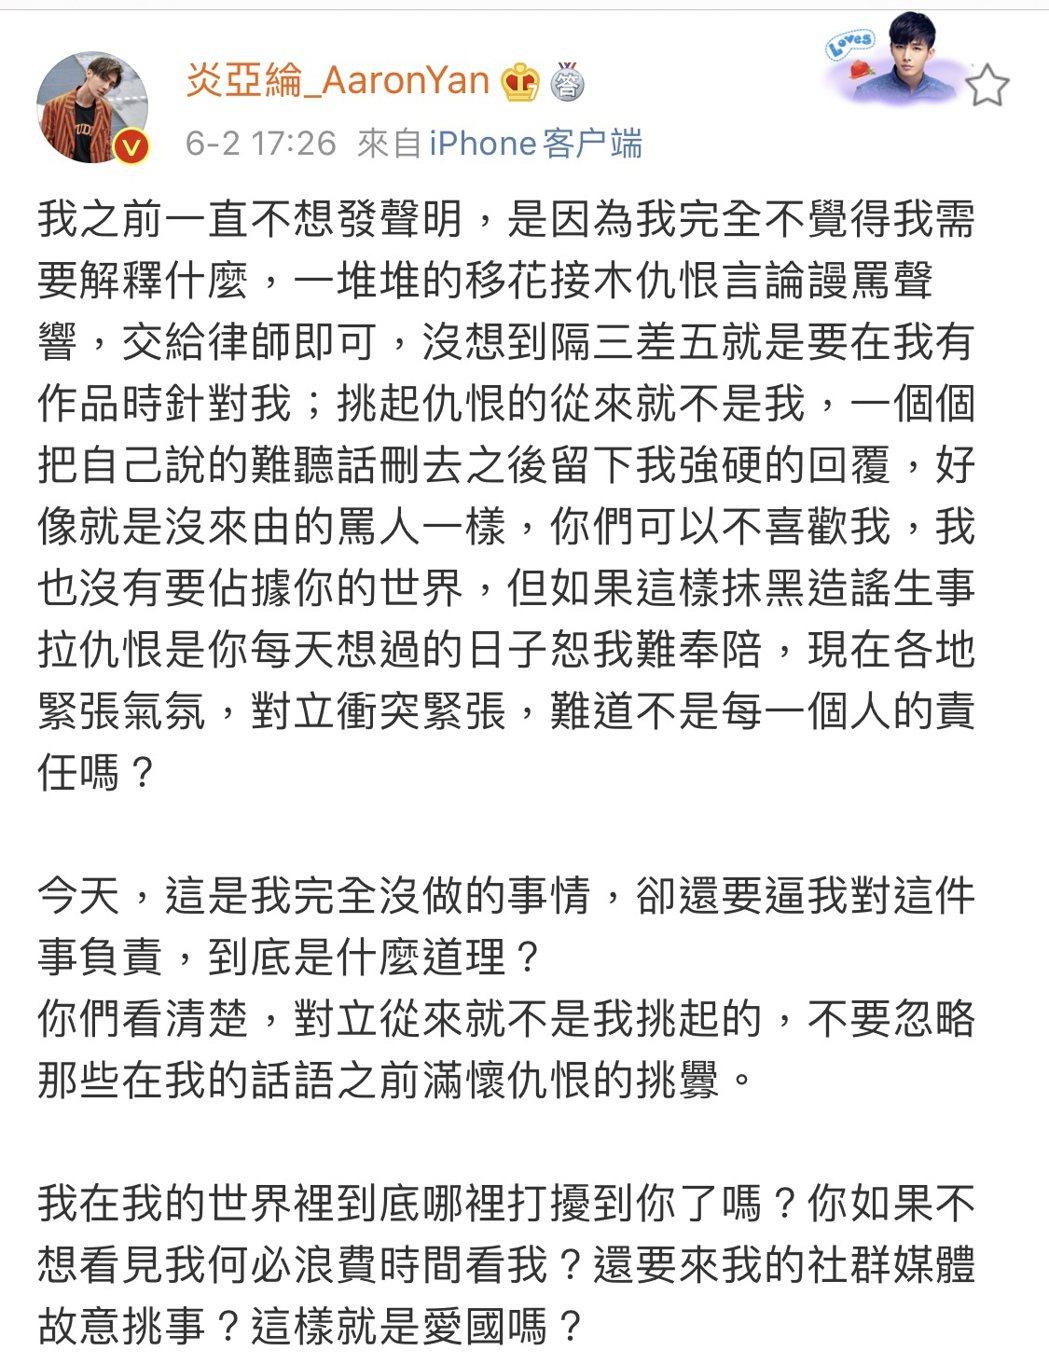 炎亞綸2日就曾澄清遭抹黑,闢謠卻無法遏止大陸網友酸言攻擊。圖/摘自微博